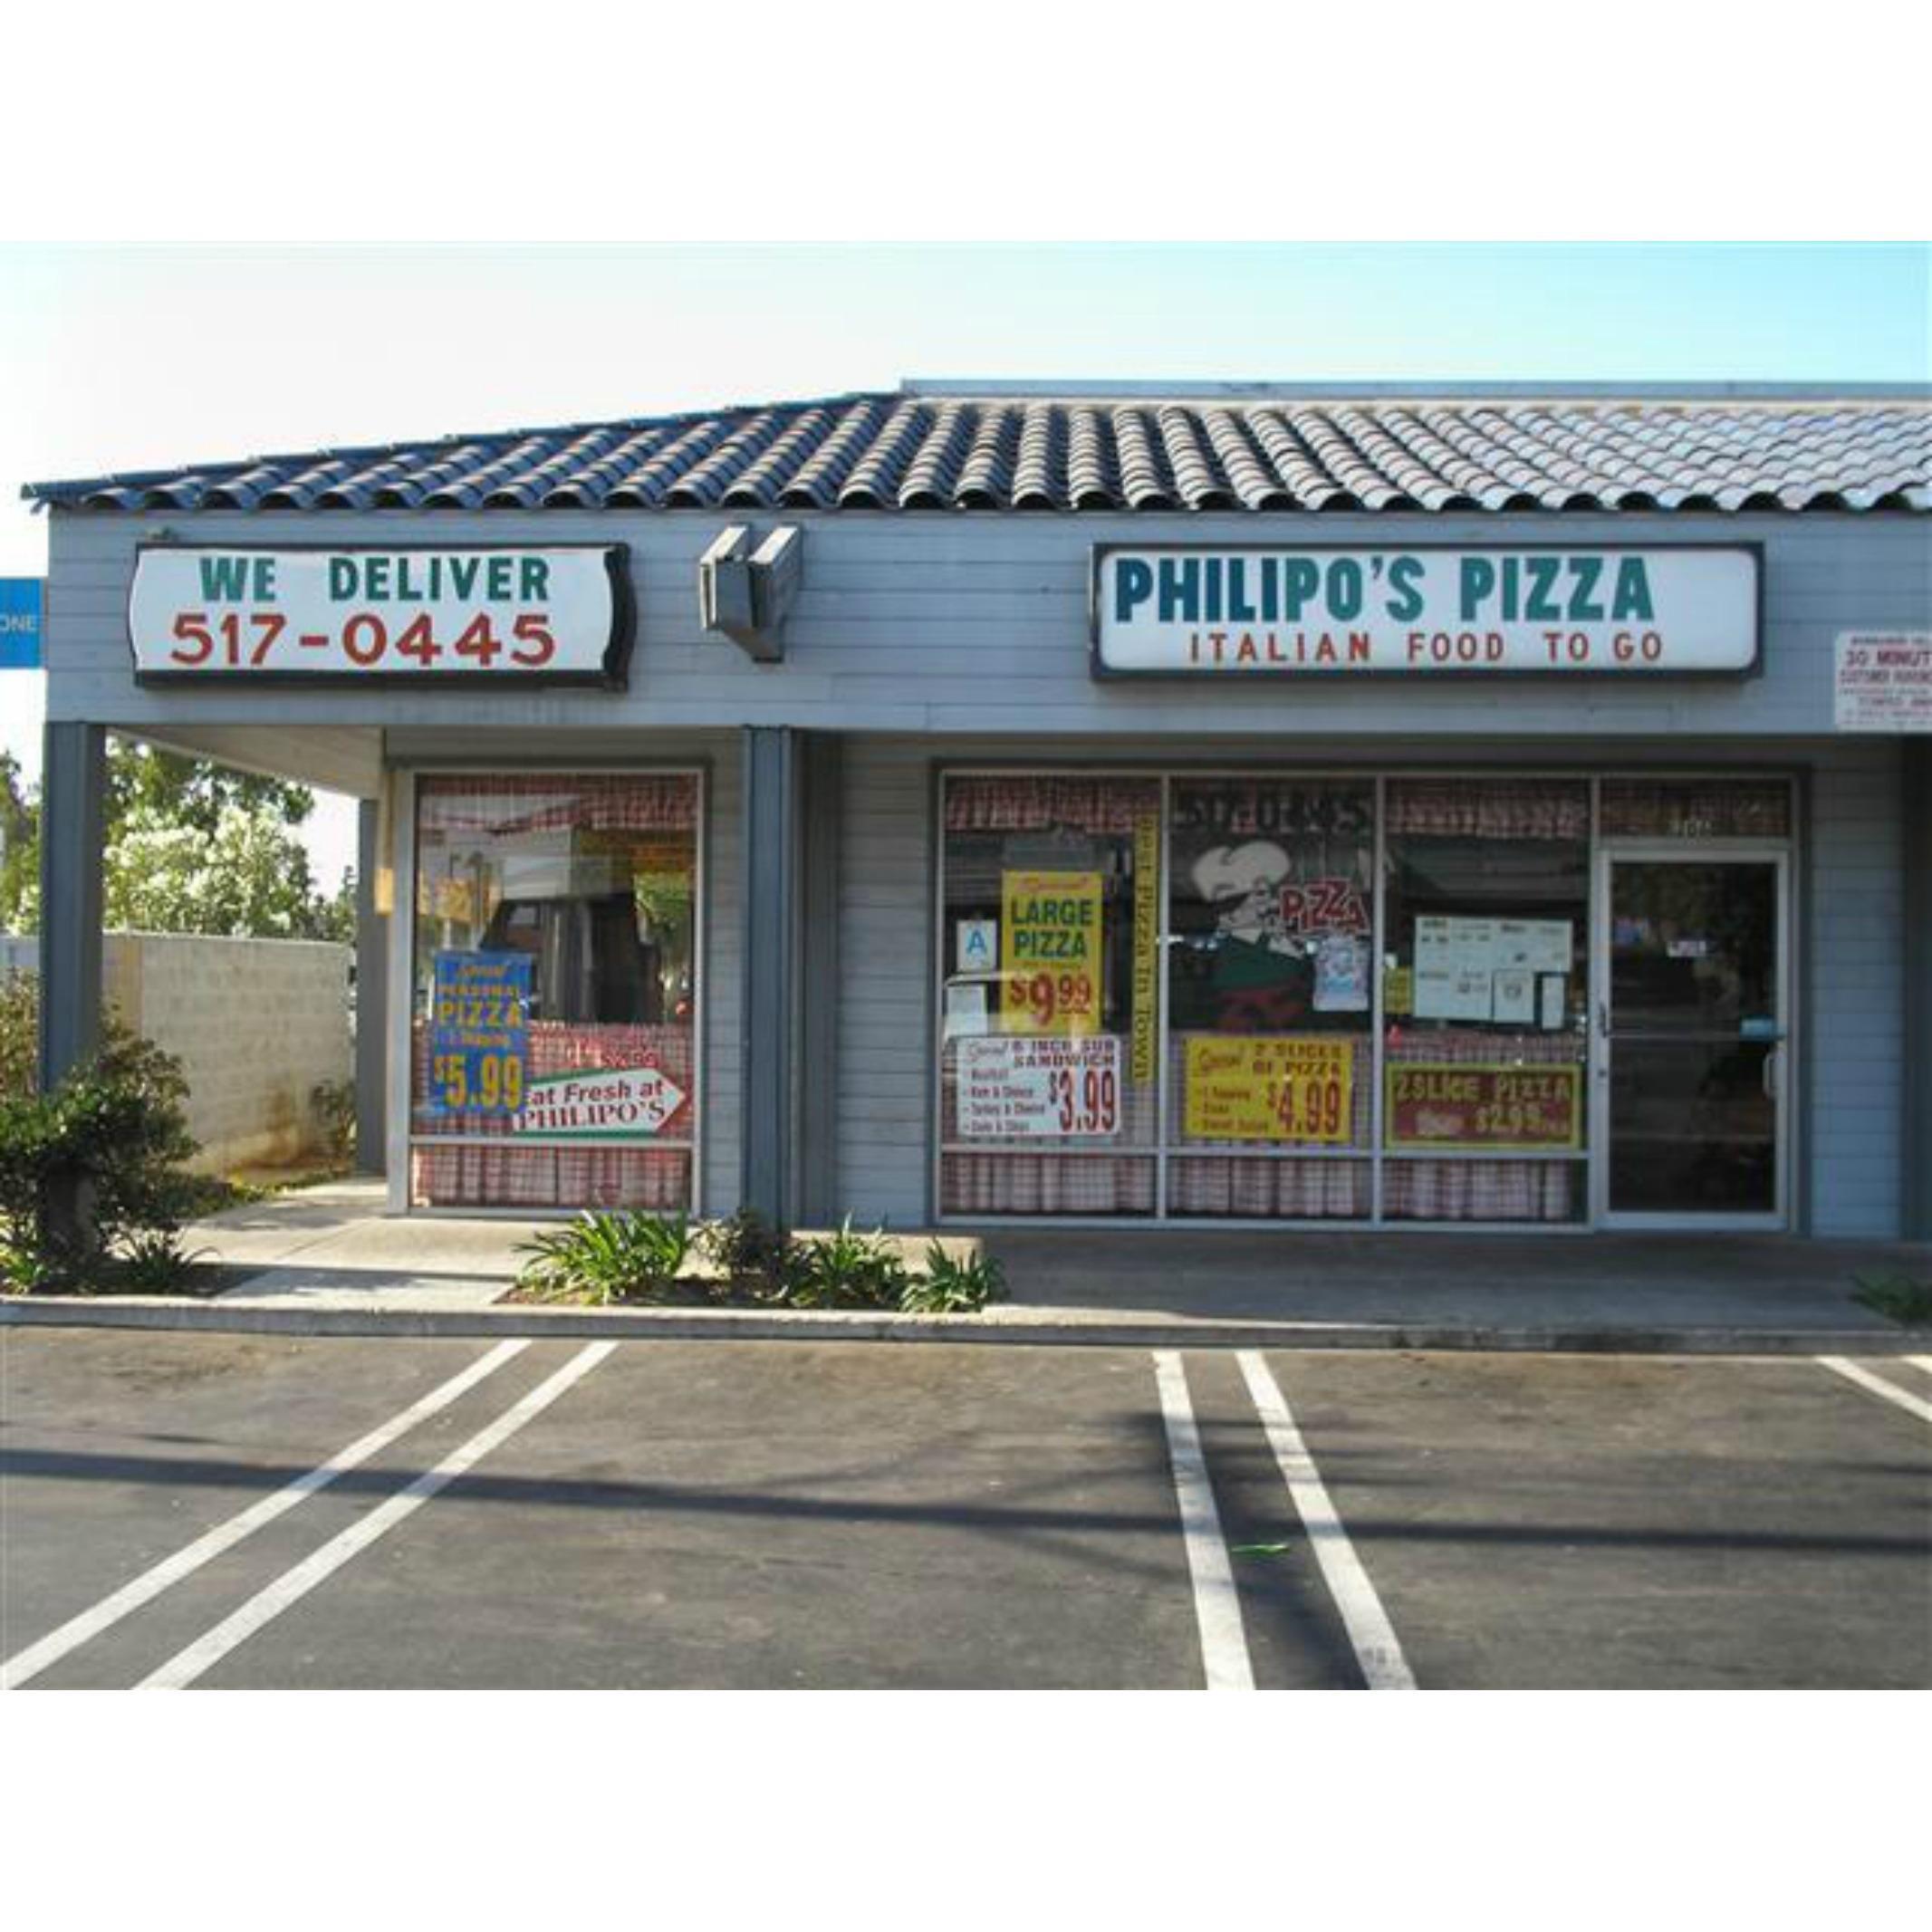 Philipos Pizza & Pasta